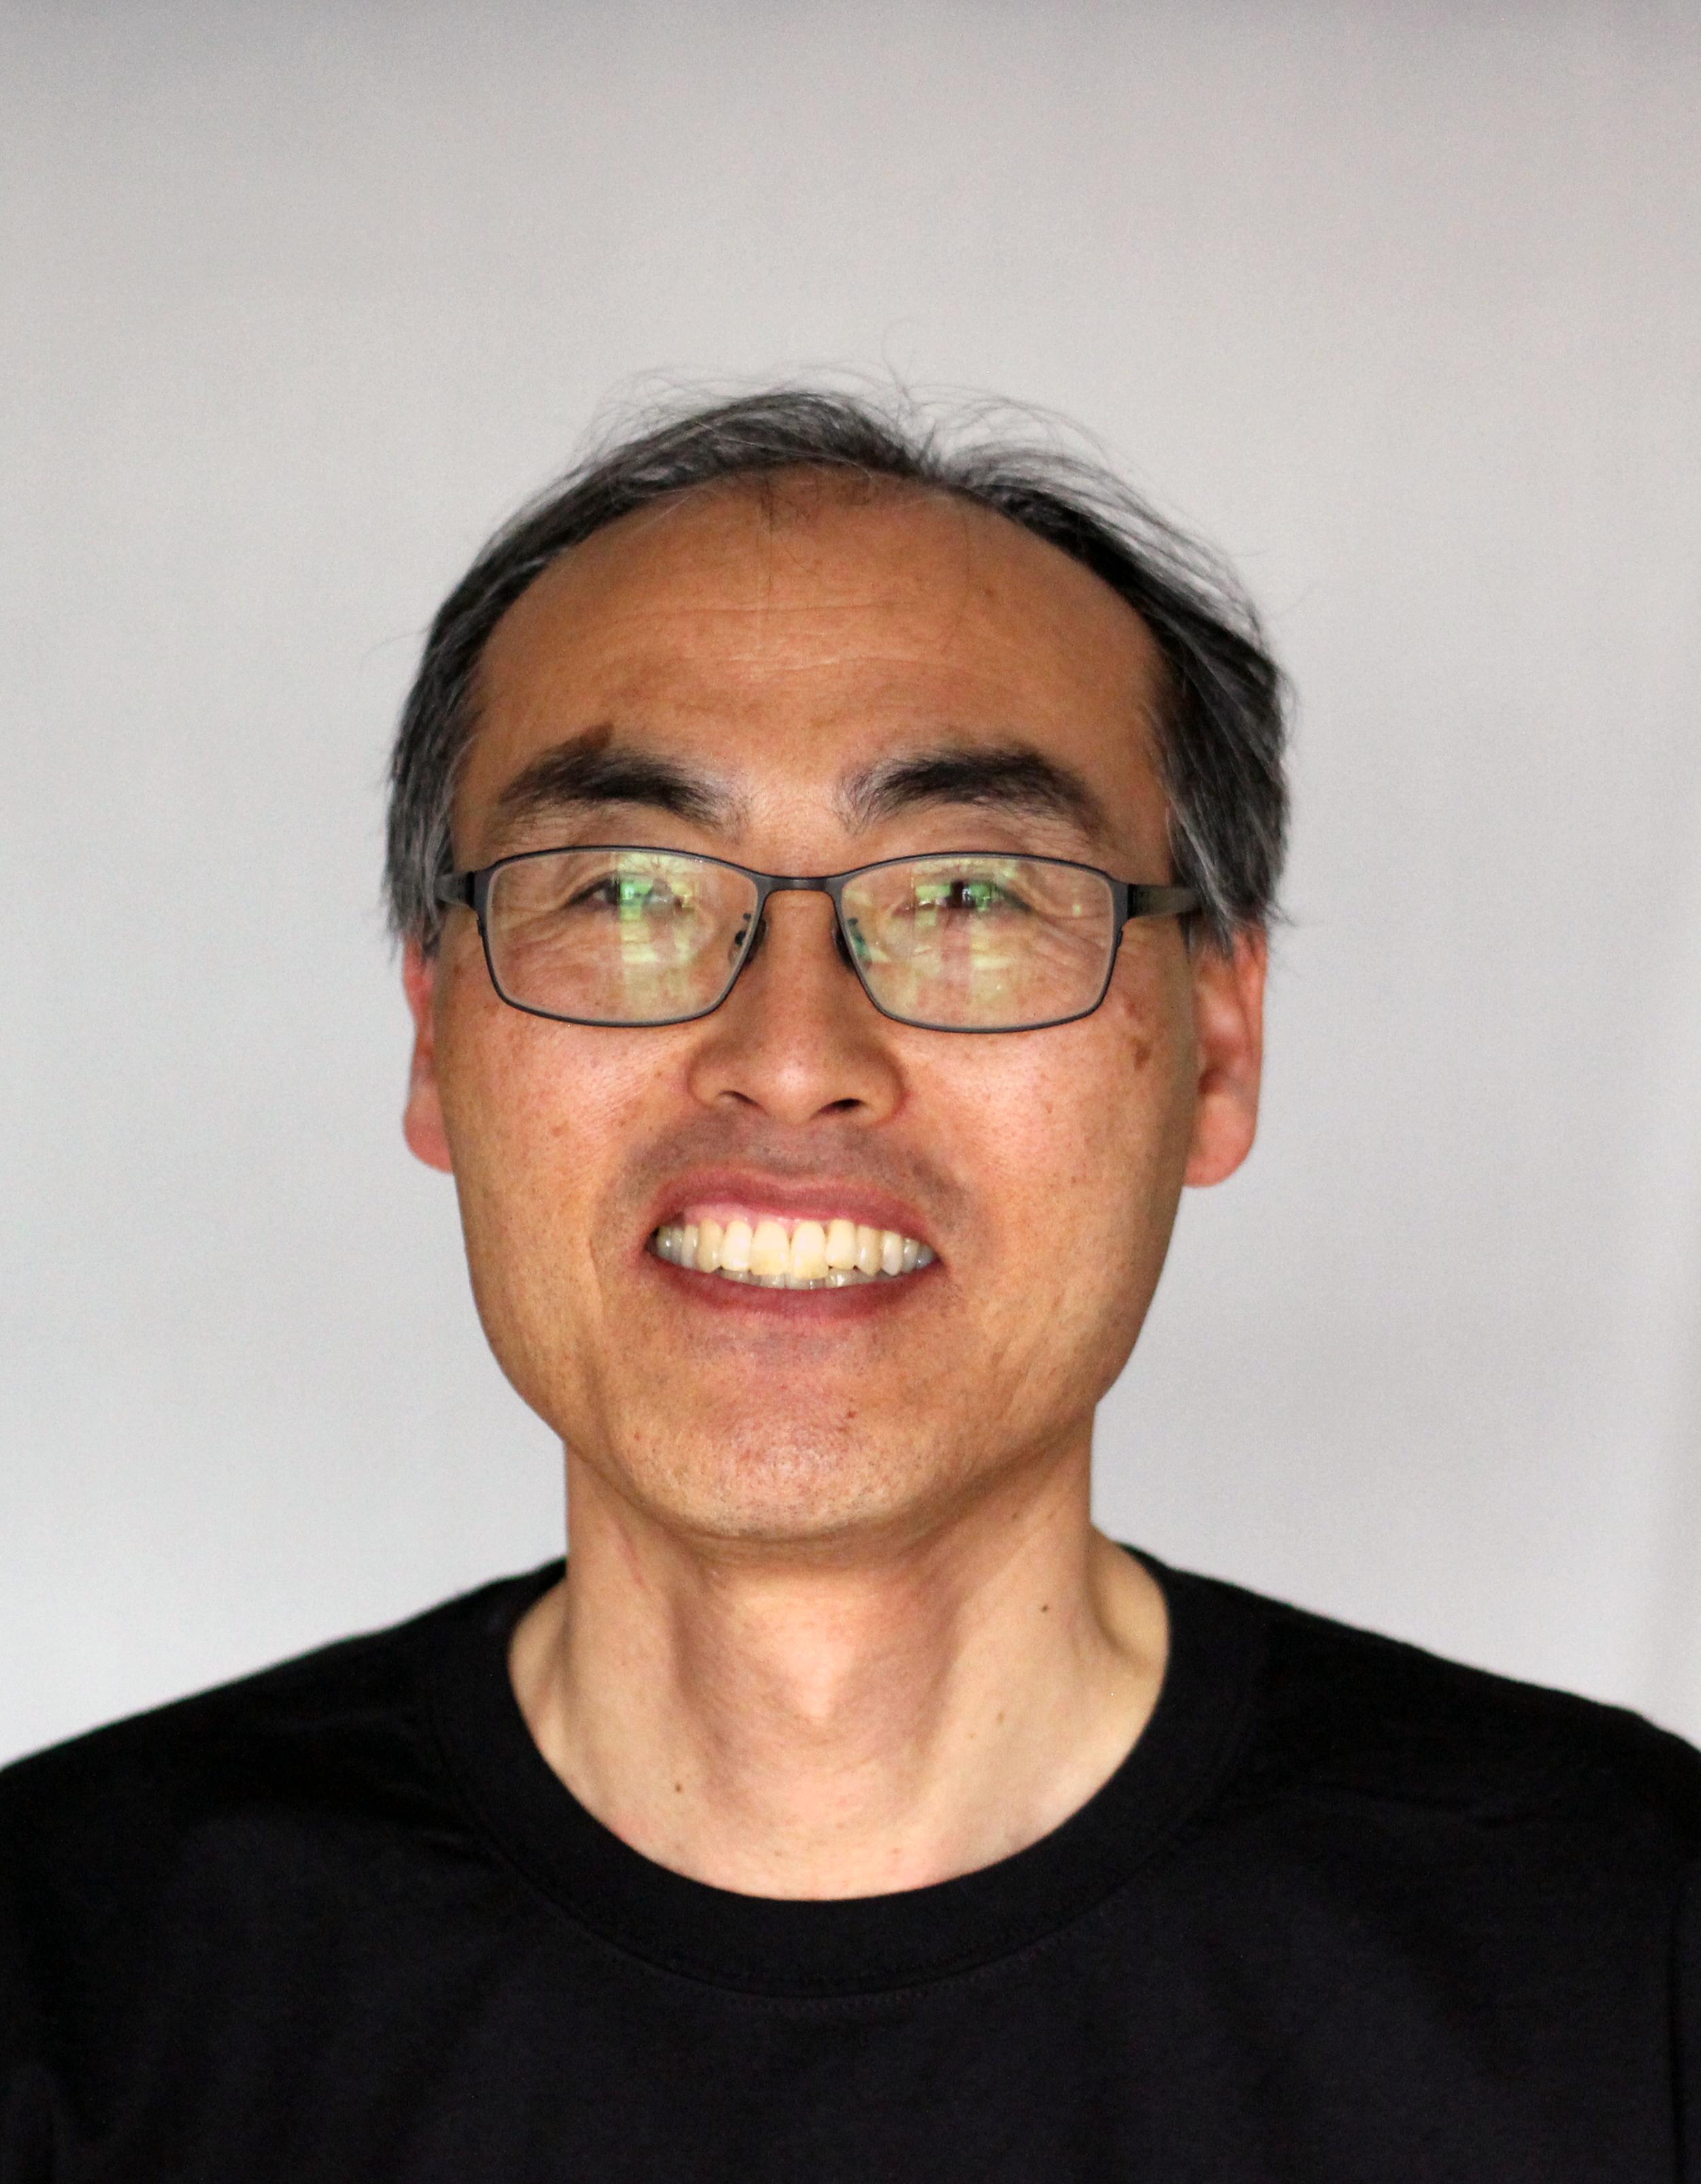 Iljuhn Roh, Ph.D. - Senior Director of Membrane Manufacturing and R&D, Korea Representative